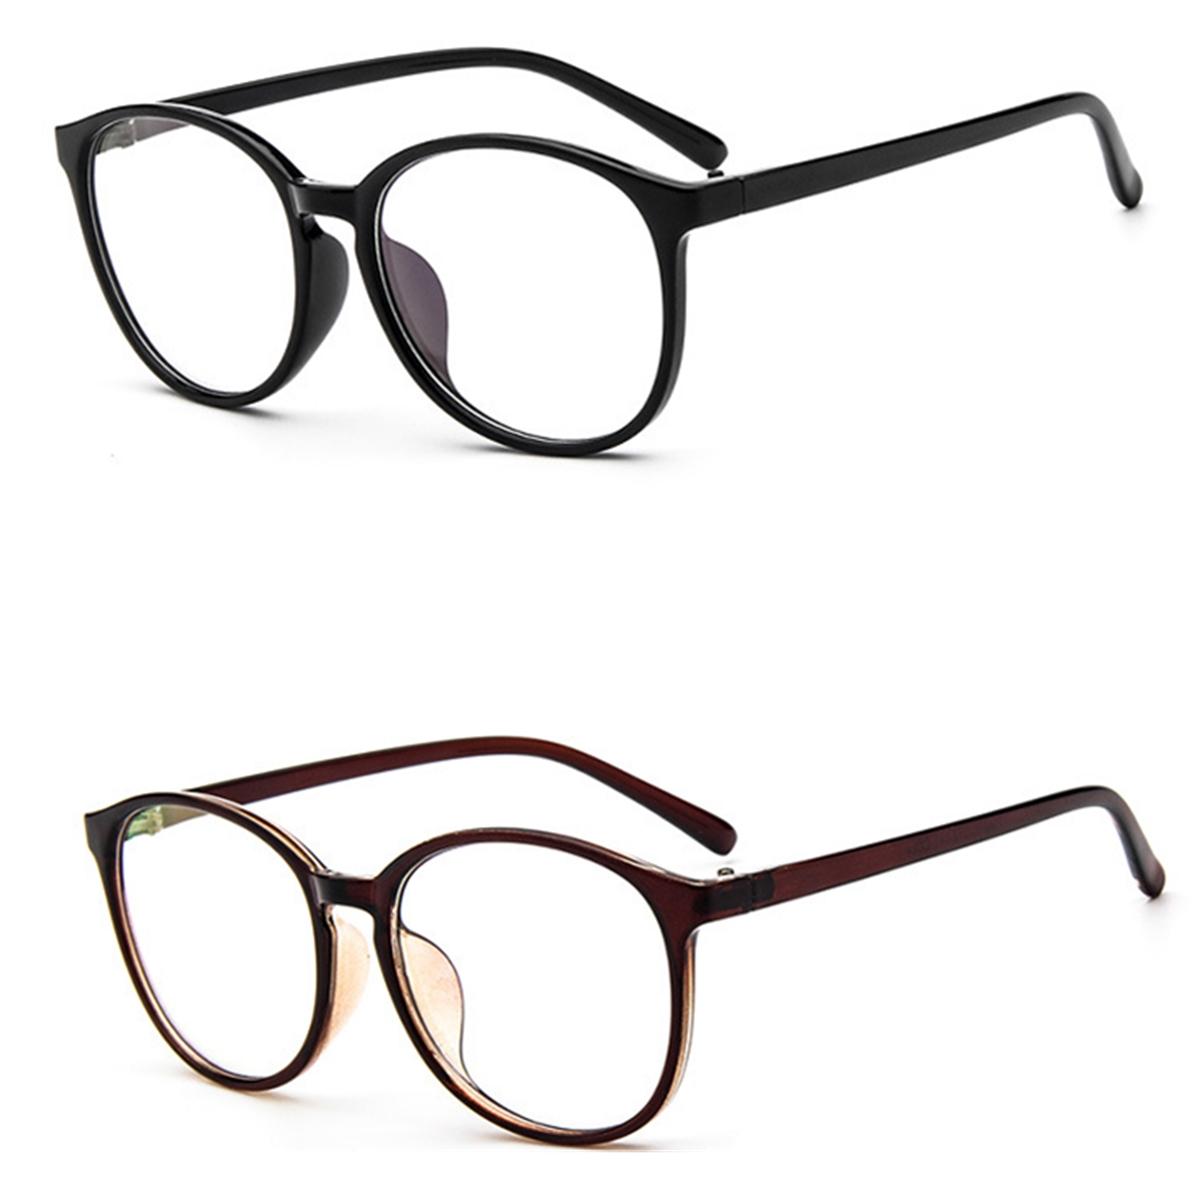 da1fdac26e37a Découvrez plus de produits qui ont des caractéristiques similaires au Monture  Lunette de Vue Plastique Léger Loupe Myopie Presbyte Optique Eleve Femme  NOIR ...